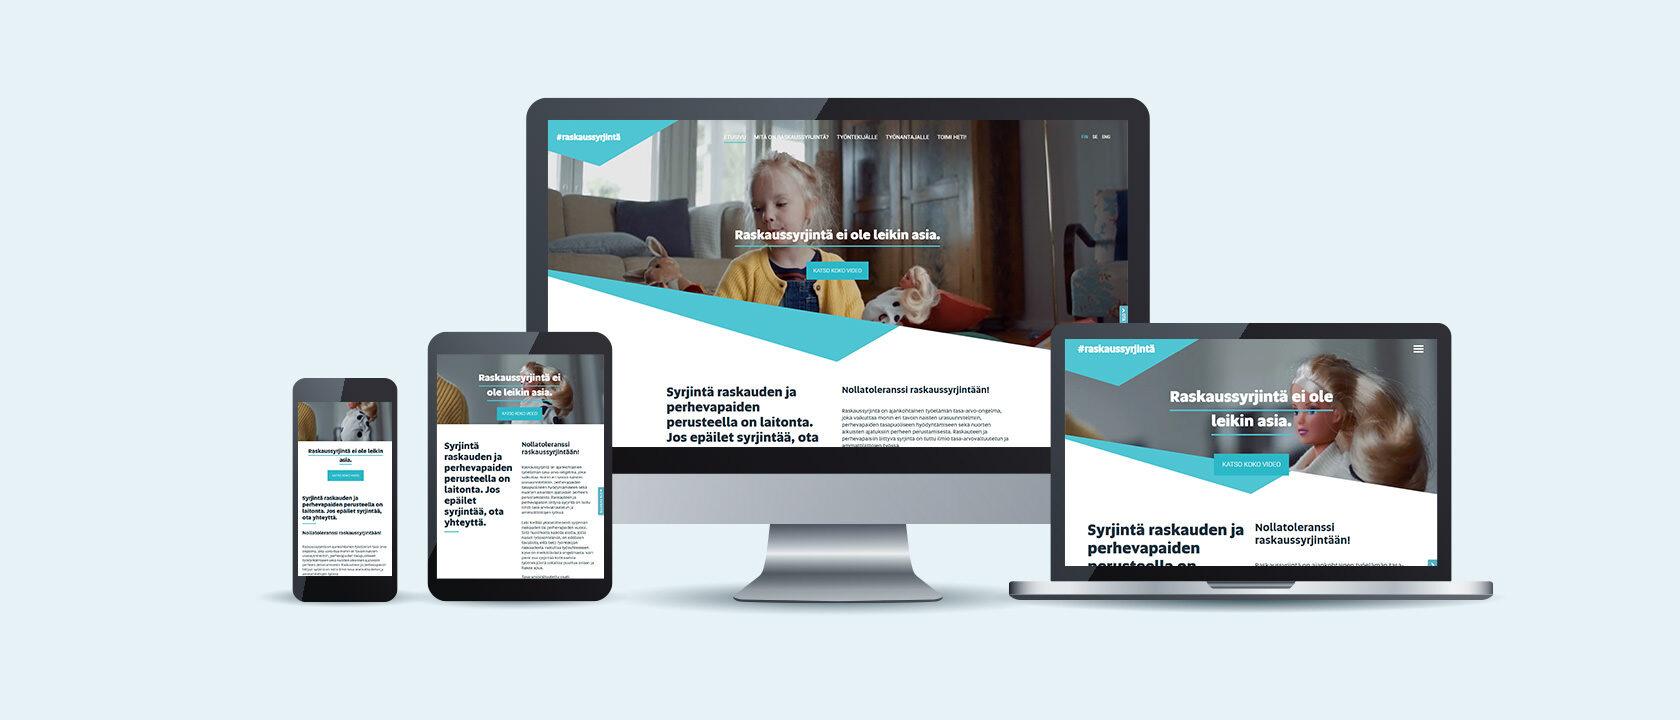 Raskaussyrjinta.fi rakennettiin alisivustoksi Liferay-portaaliin